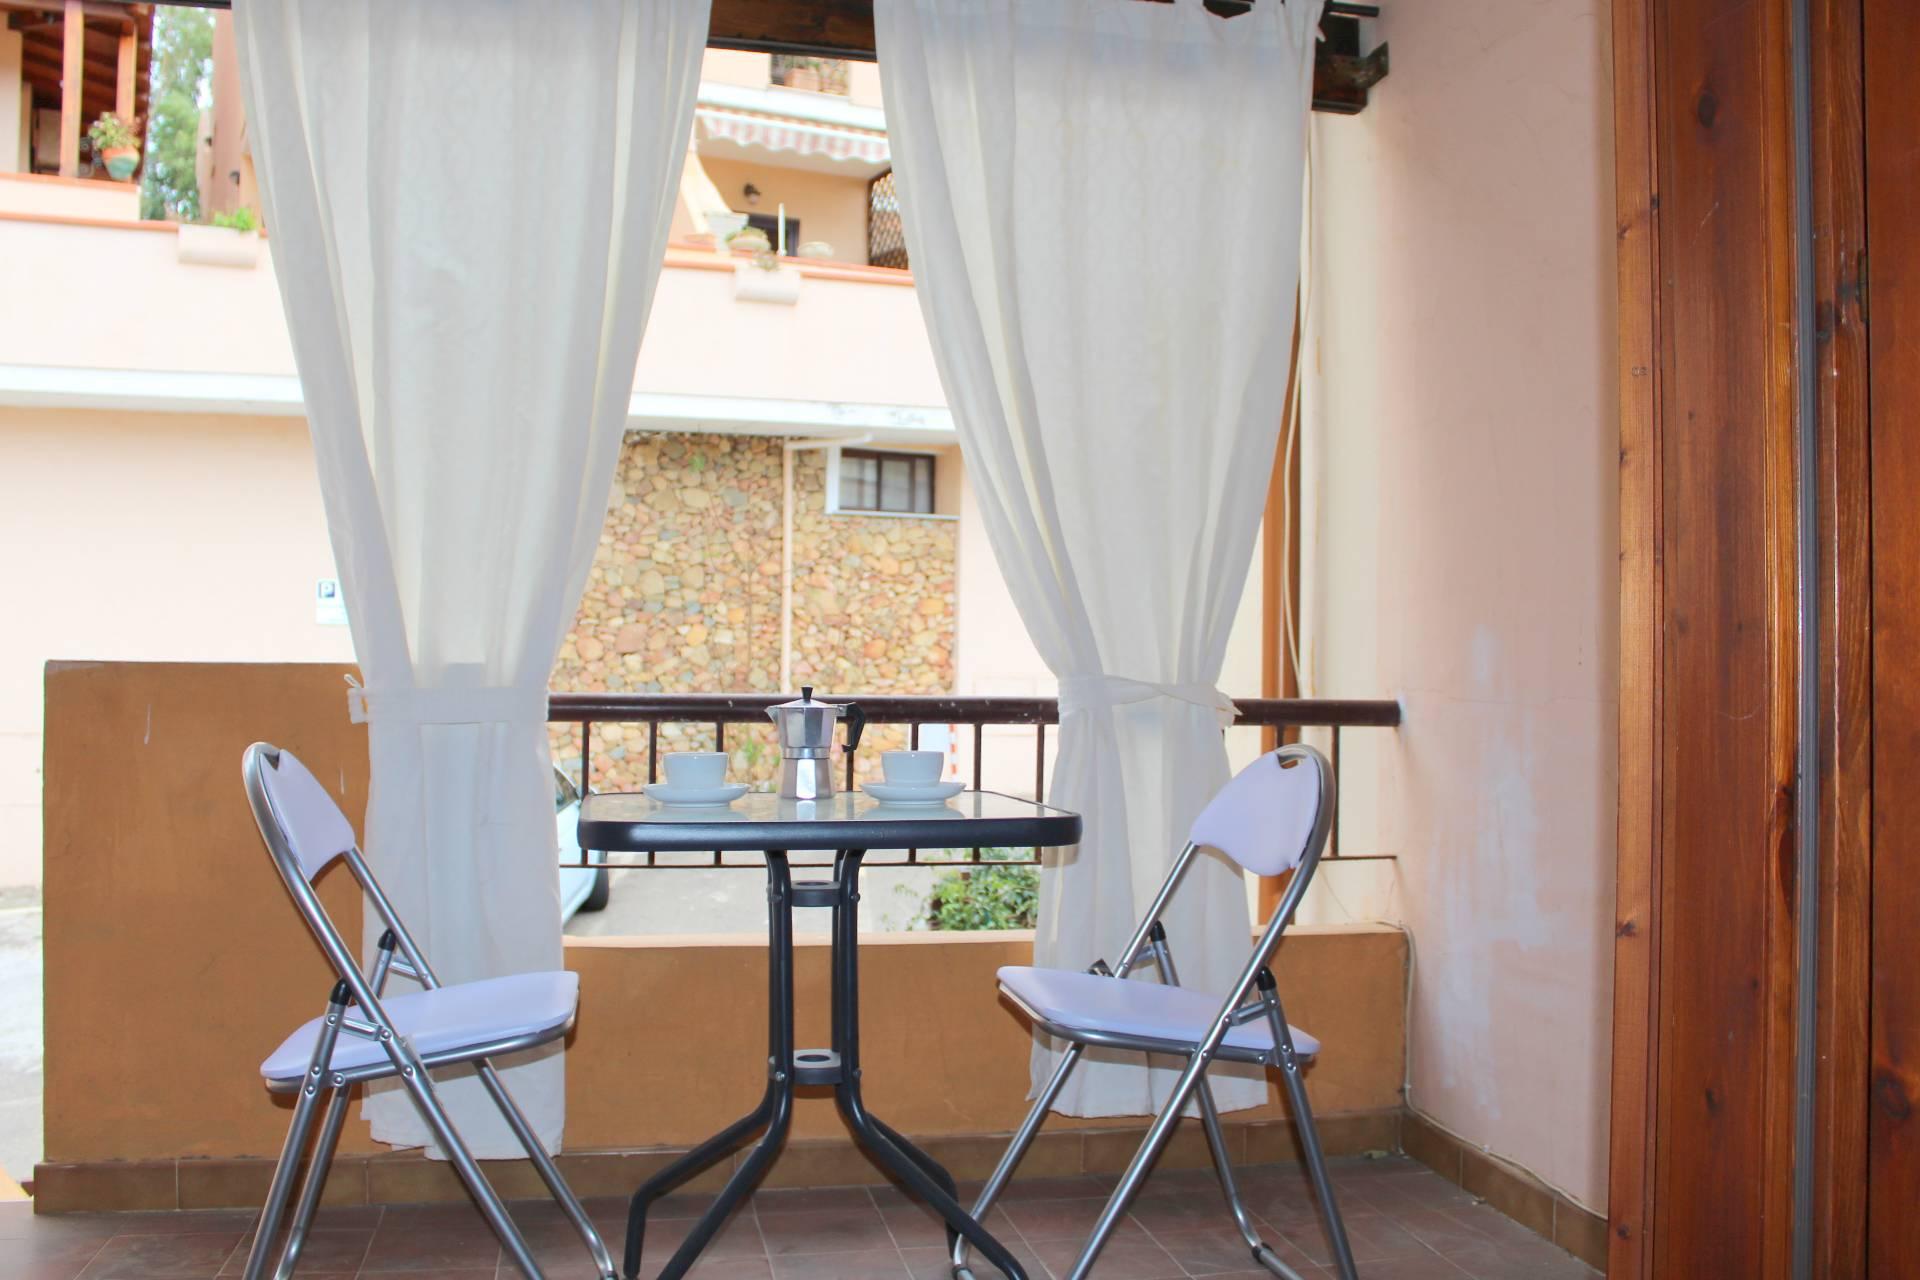 Appartamento in vendita a Villasimius, 2 locali, zona Località: Centro, prezzo € 98.000 | Cambio Casa.it